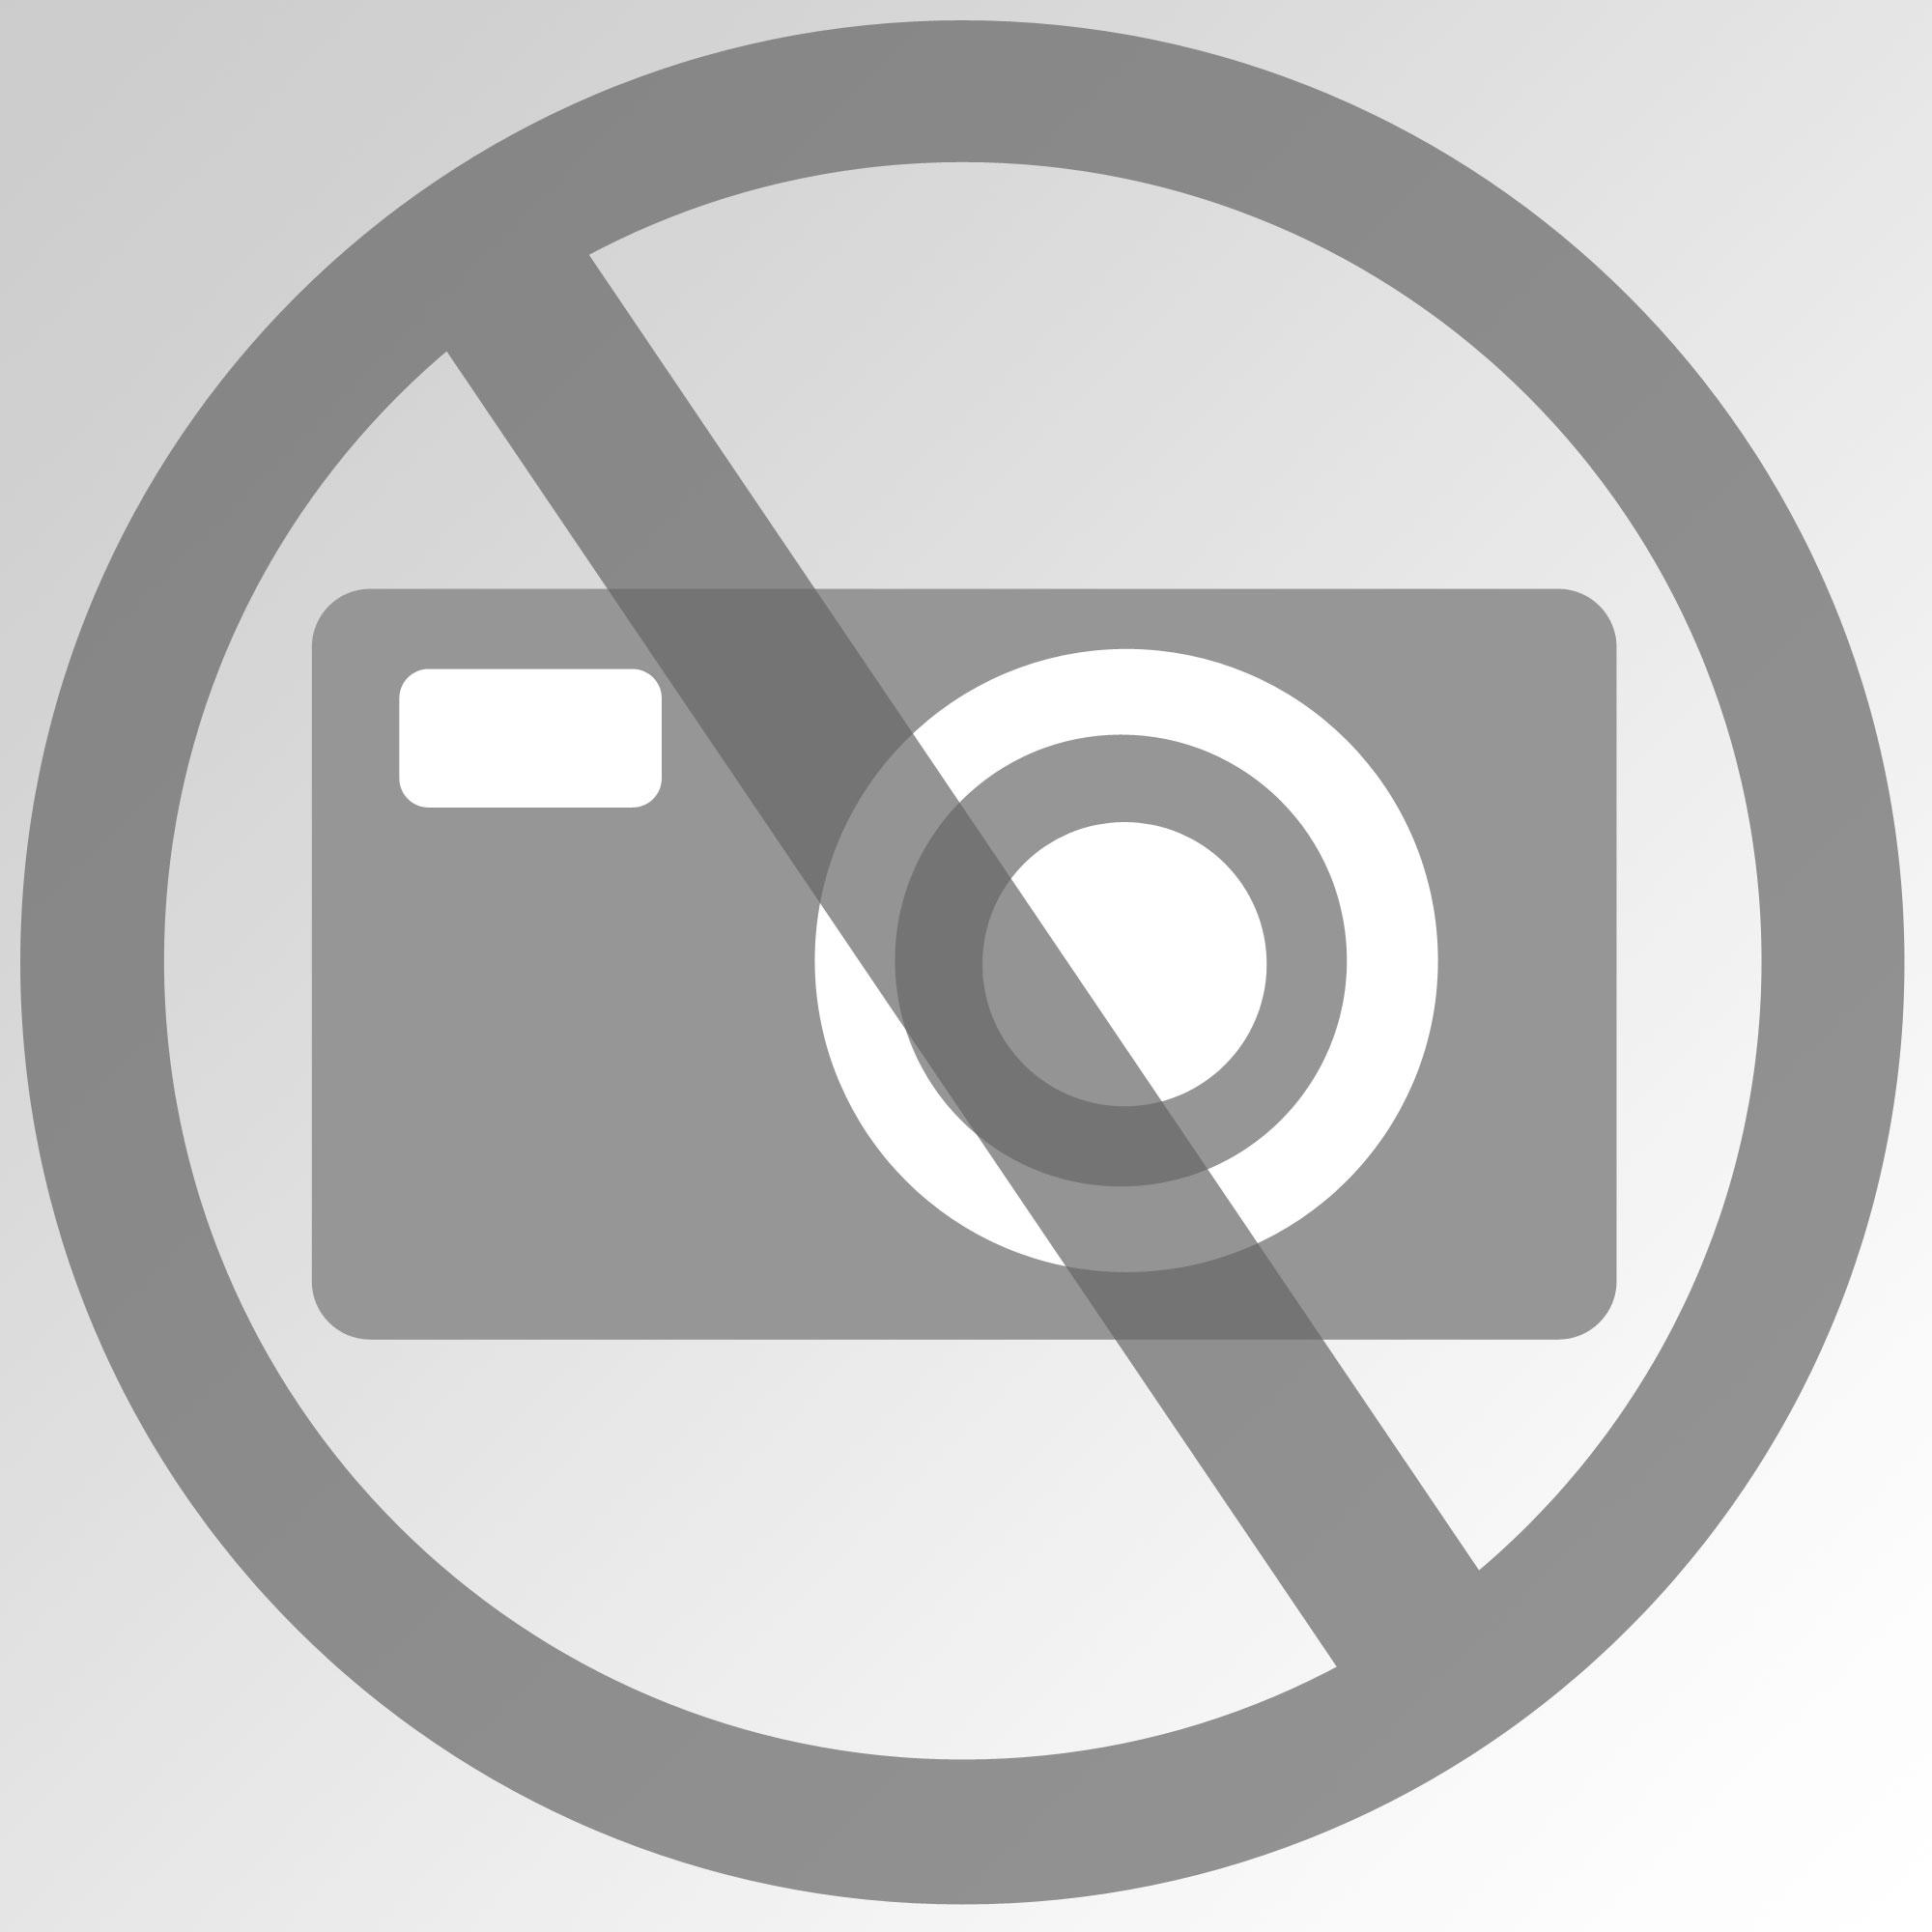 SC Einwegspender Wandhalterung für Sprüh- und Lotionpumpe, weiß